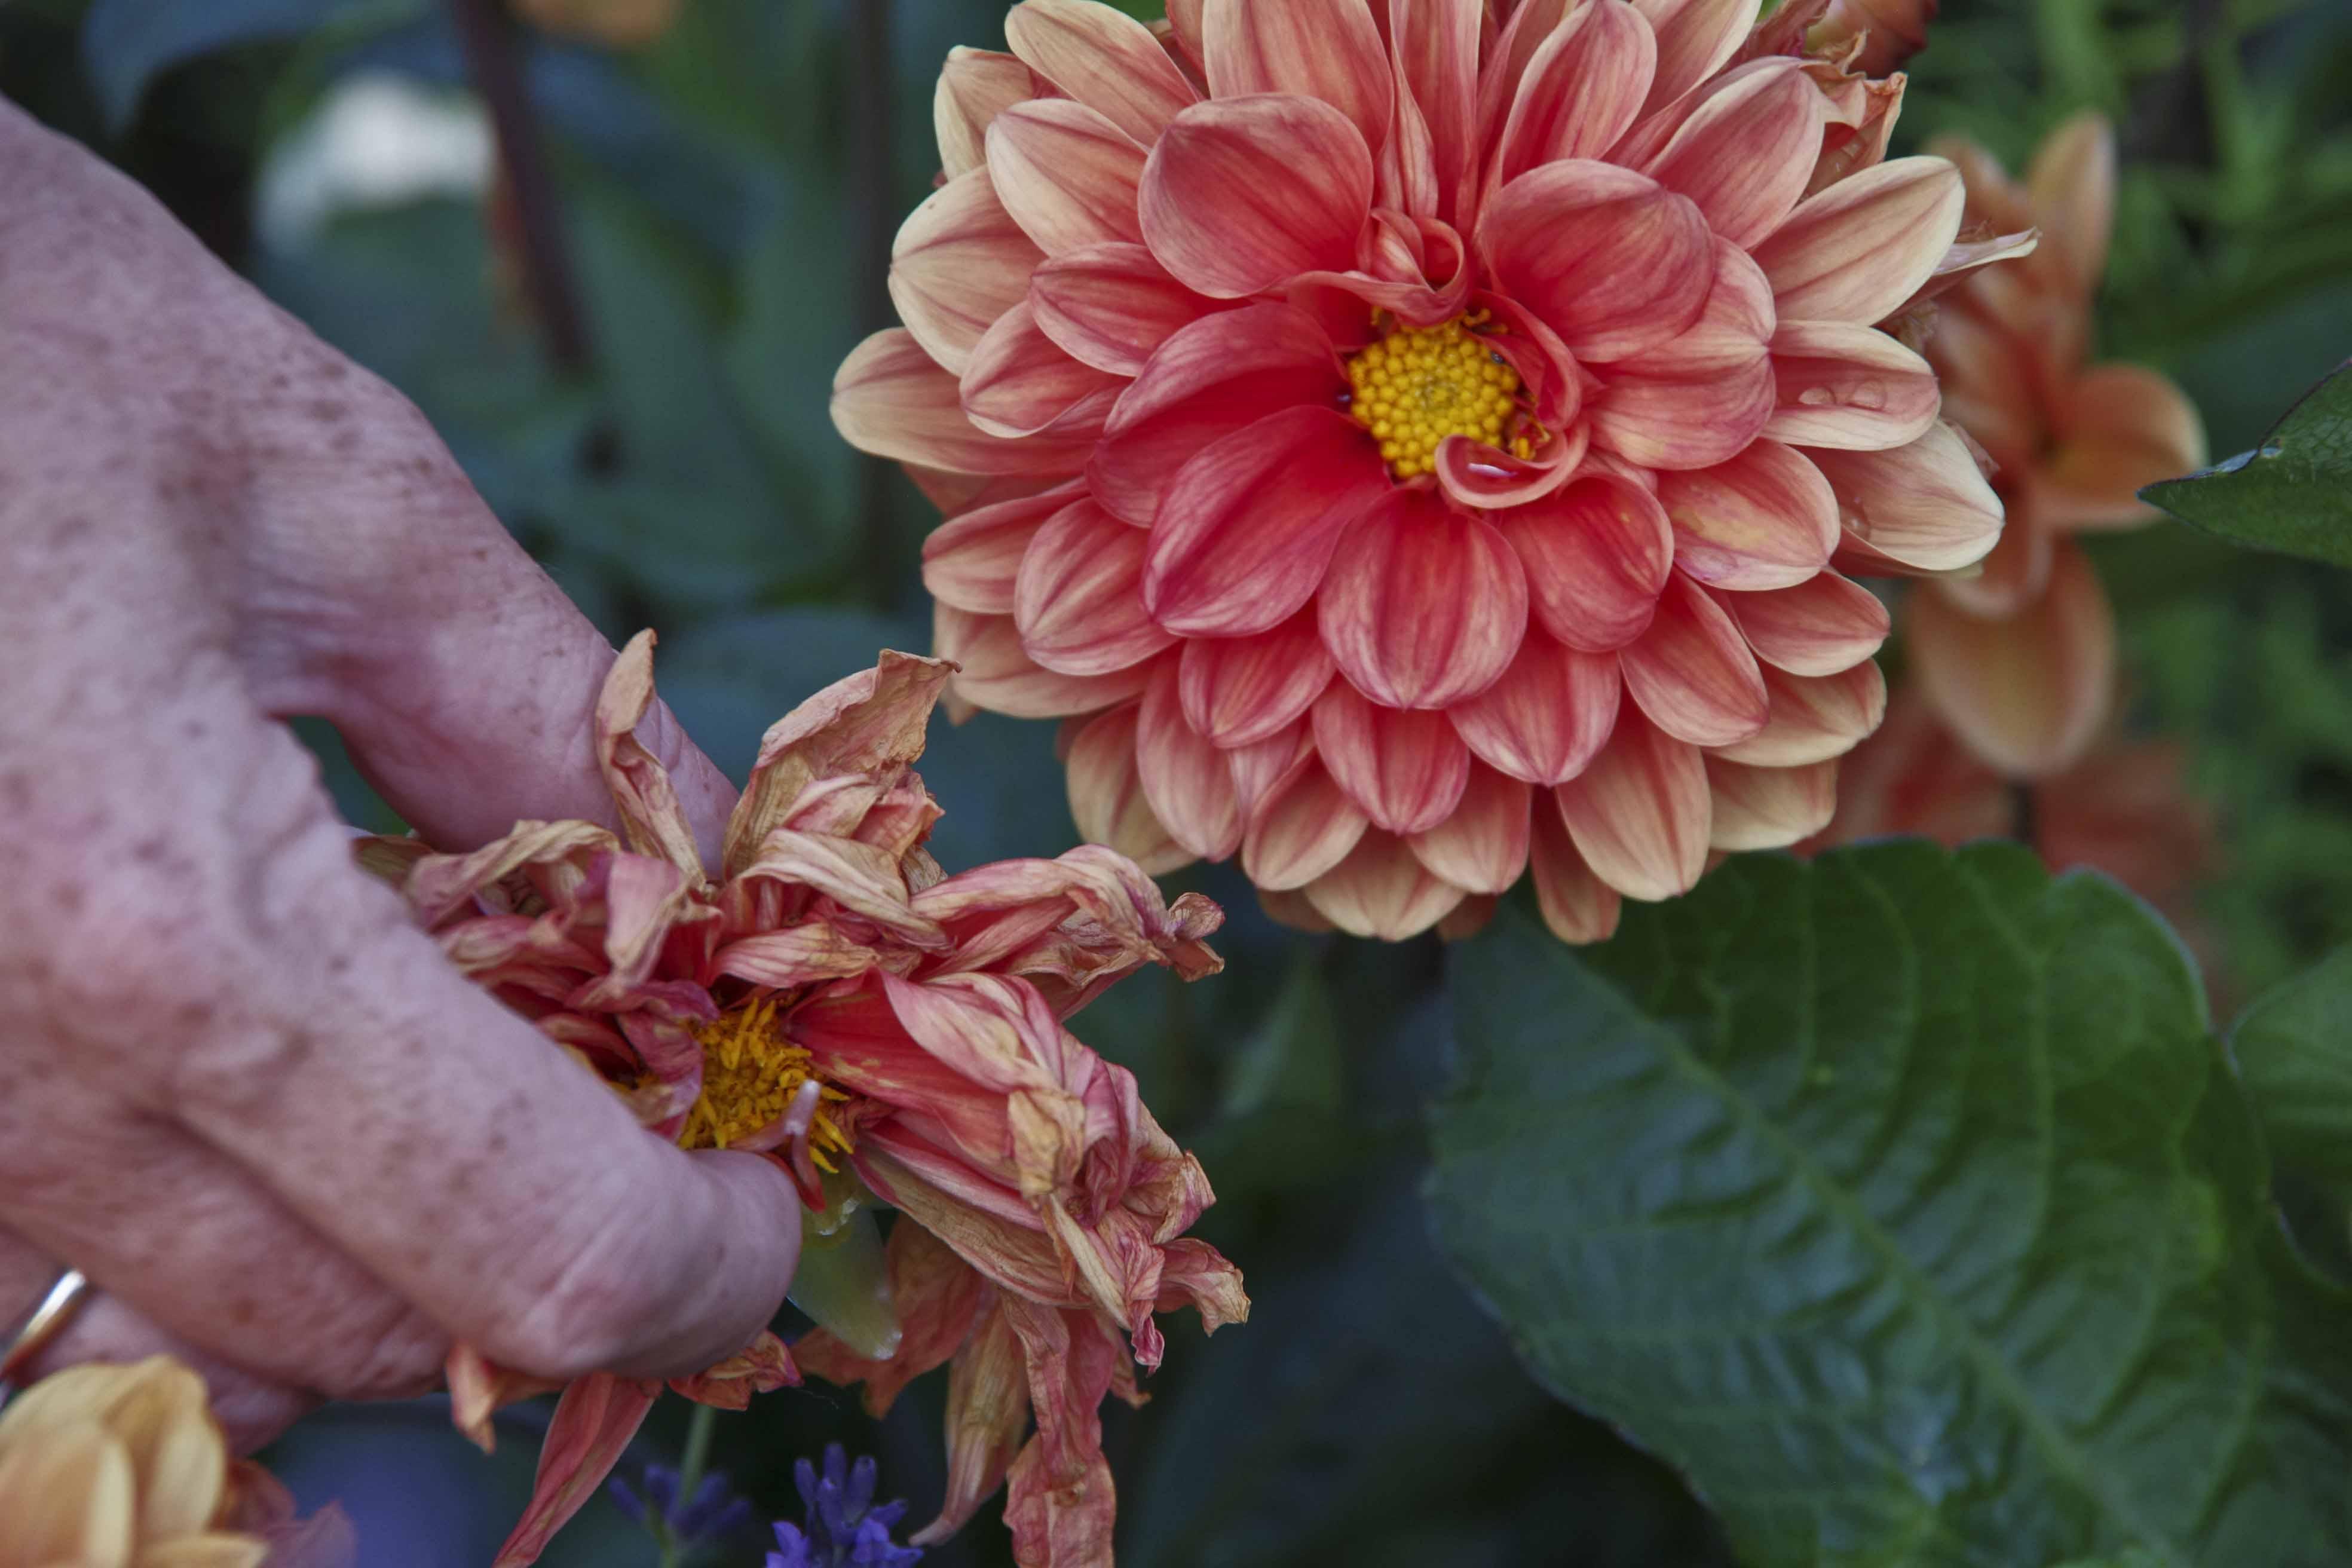 Fjern visne blomster fra planten. Da brukes energien på nye blomster isteden!